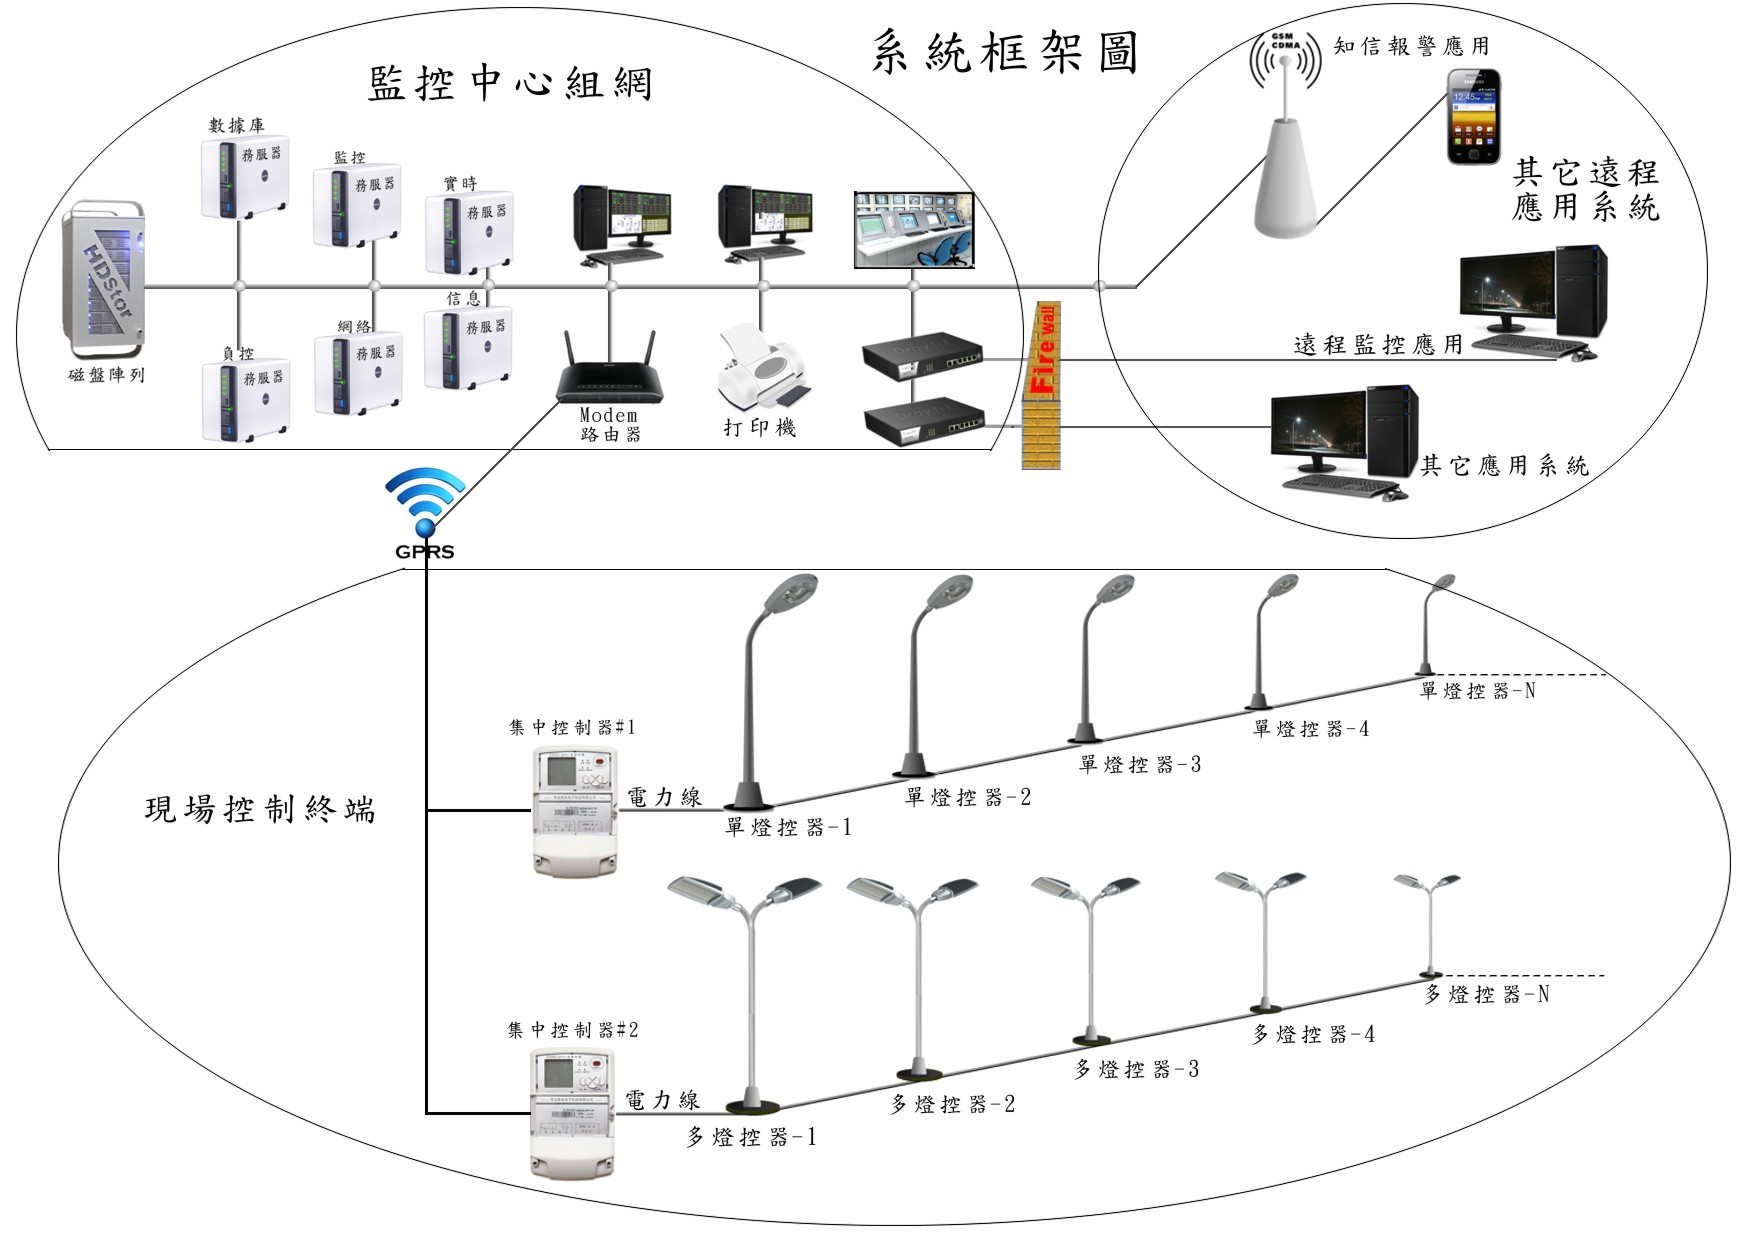 智慧型路灯控制系统资讯   topei        智慧型路灯控制